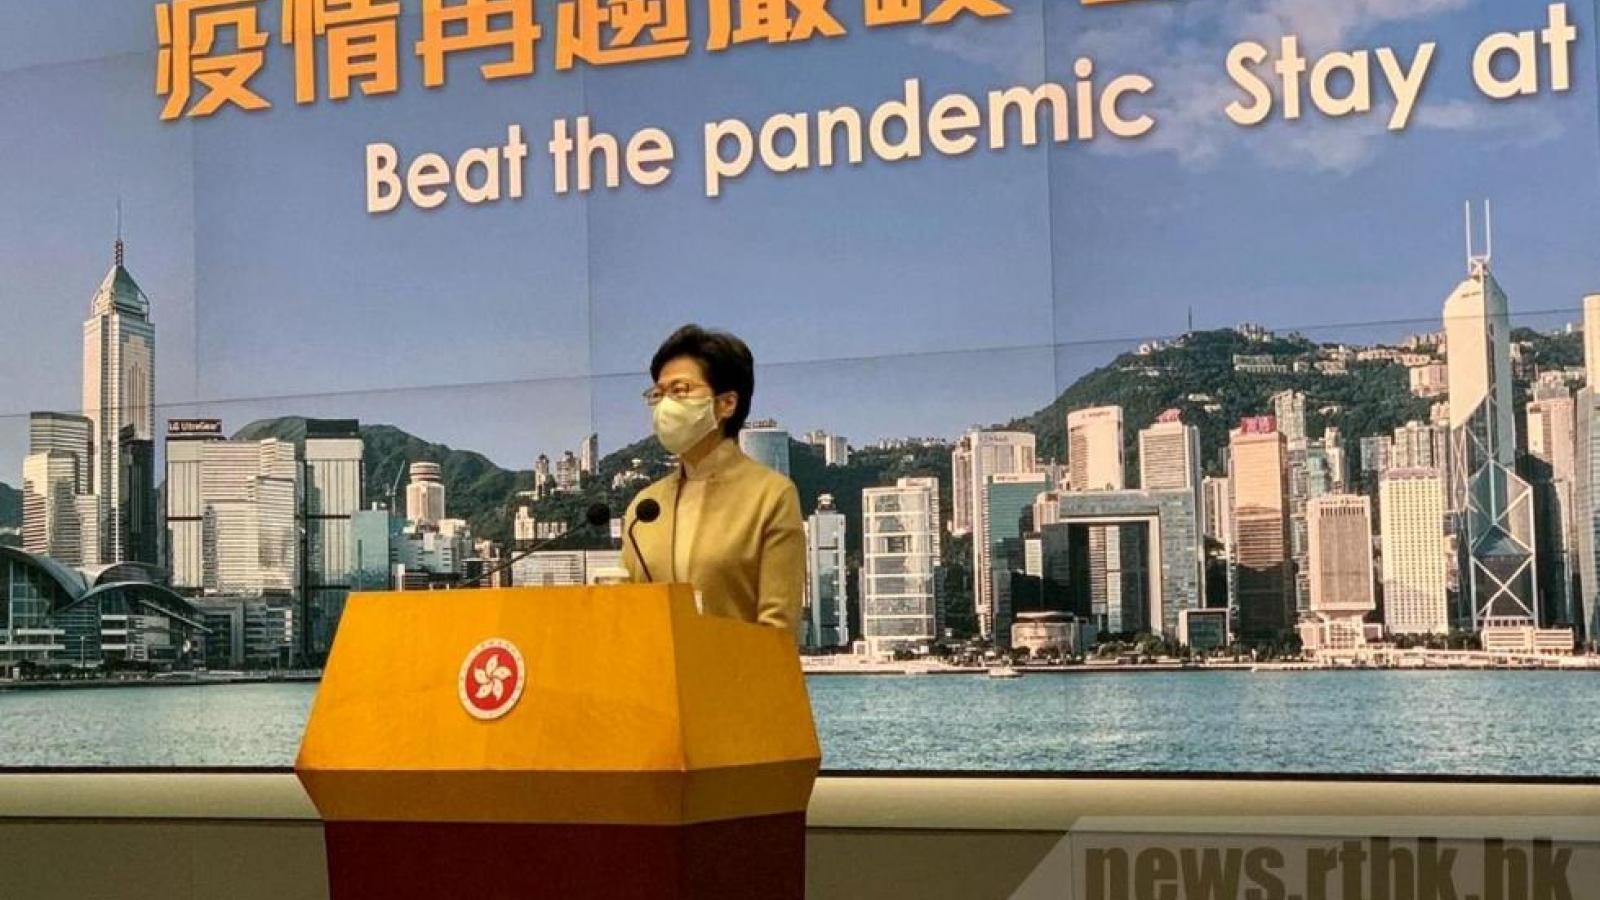 Hong Kong (Trung Quốc) có thể cho phép phong tỏa cục bộ chống Covid-19